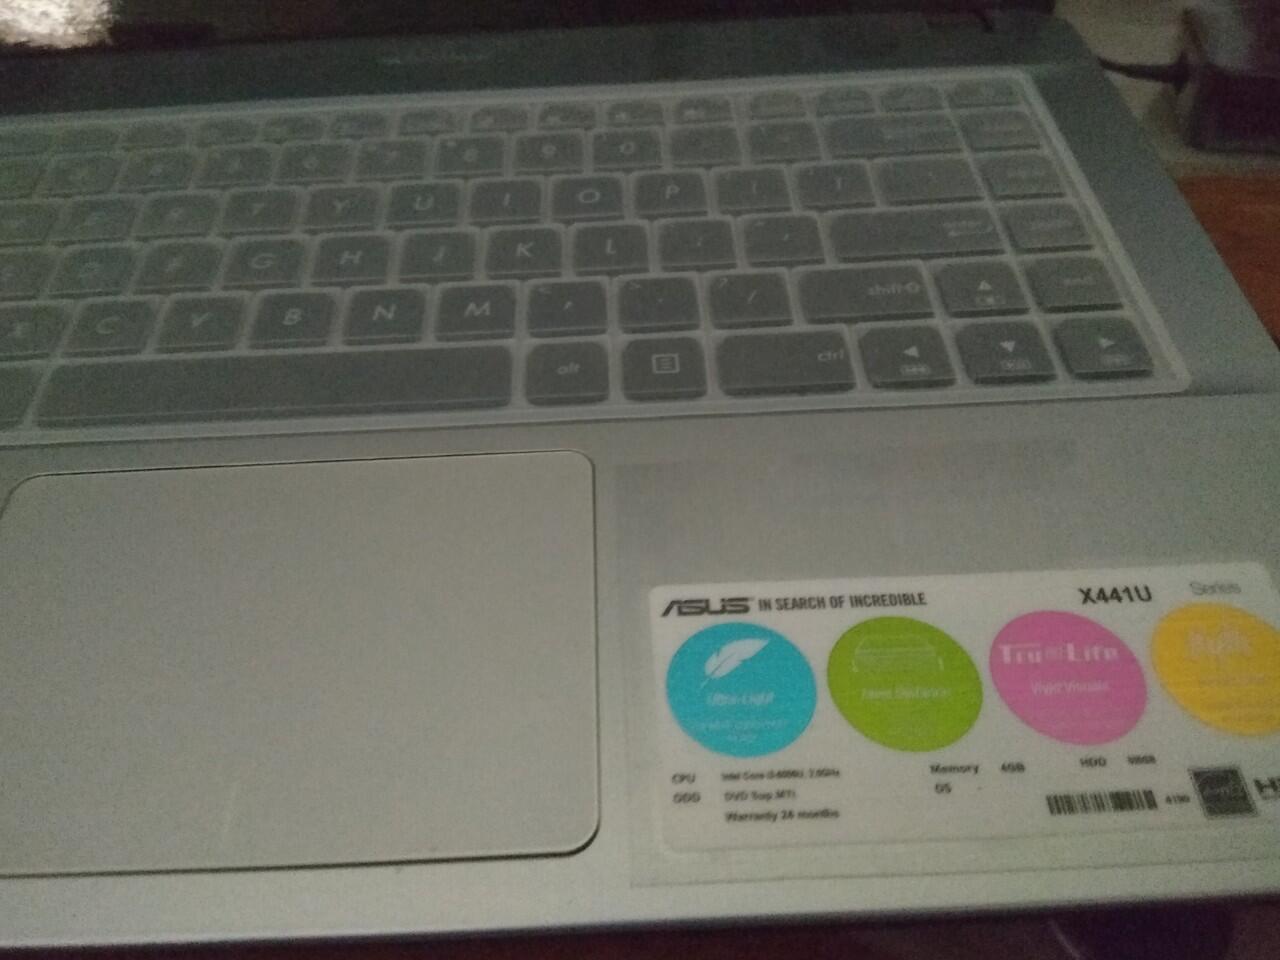 Laptop Asus X441u Tiba Tiba Mati Sendiri Tidak Diapa Apakan Kaskus